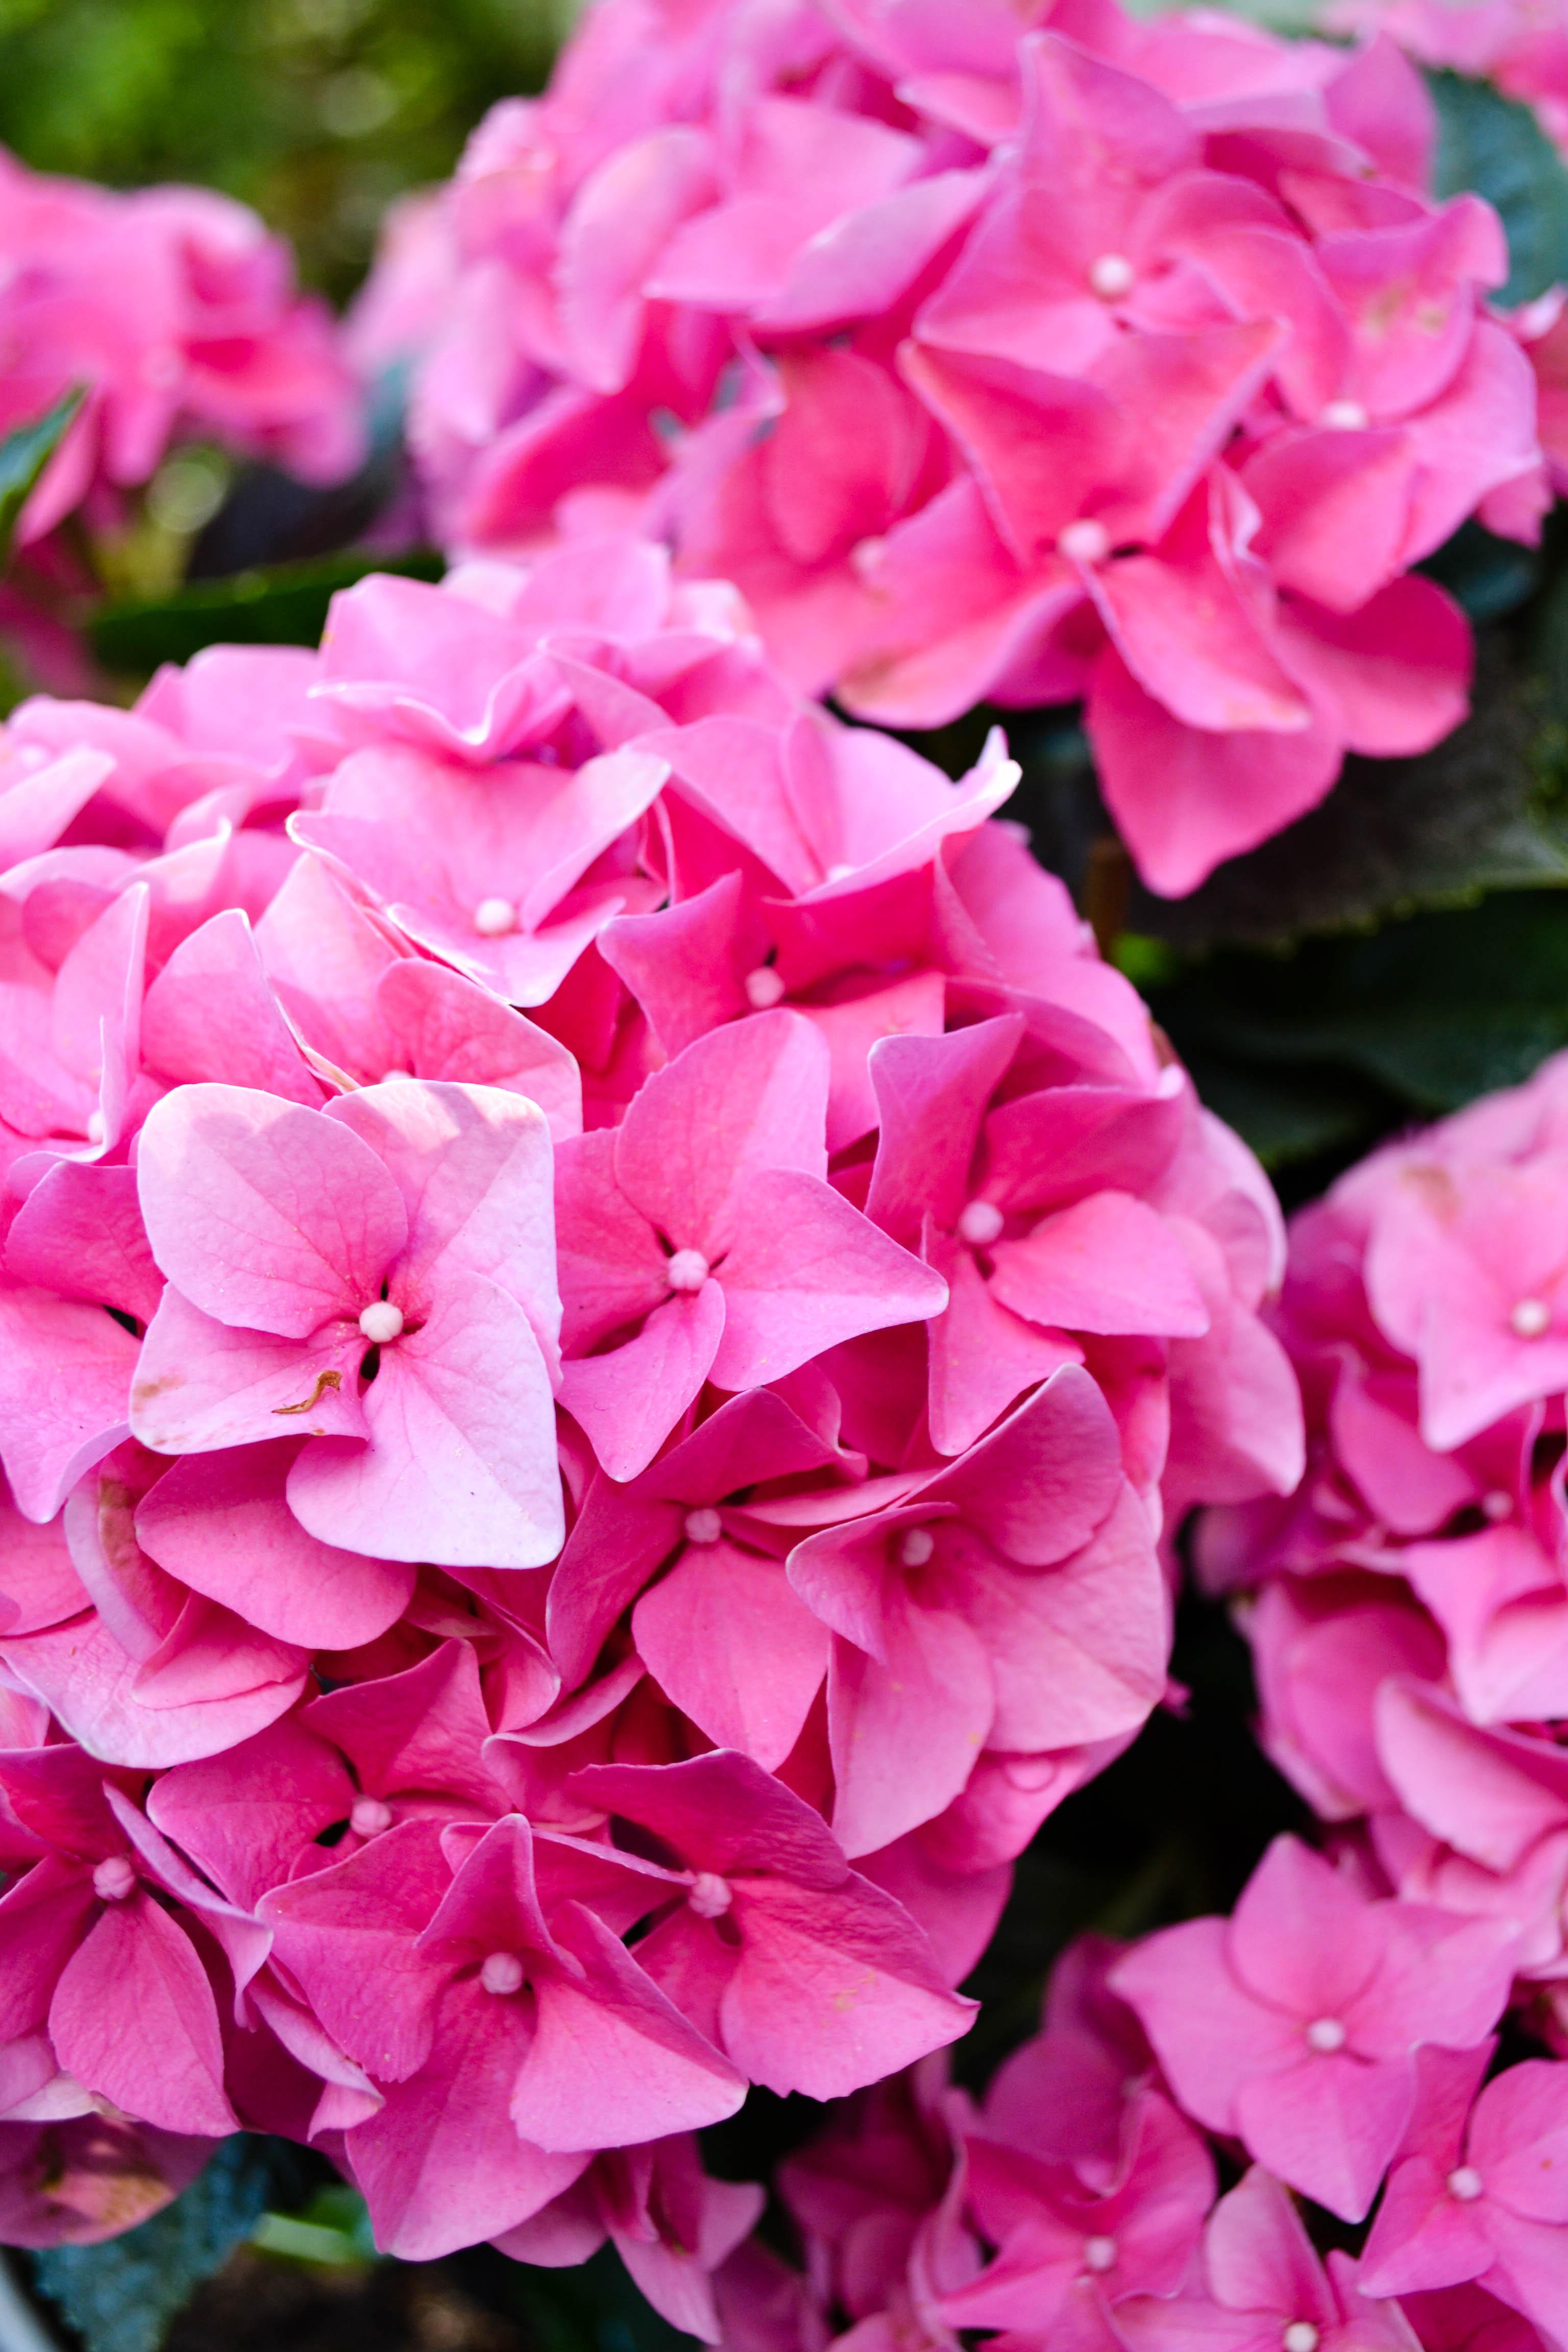 flowerdiaryS16 (4 of 13)